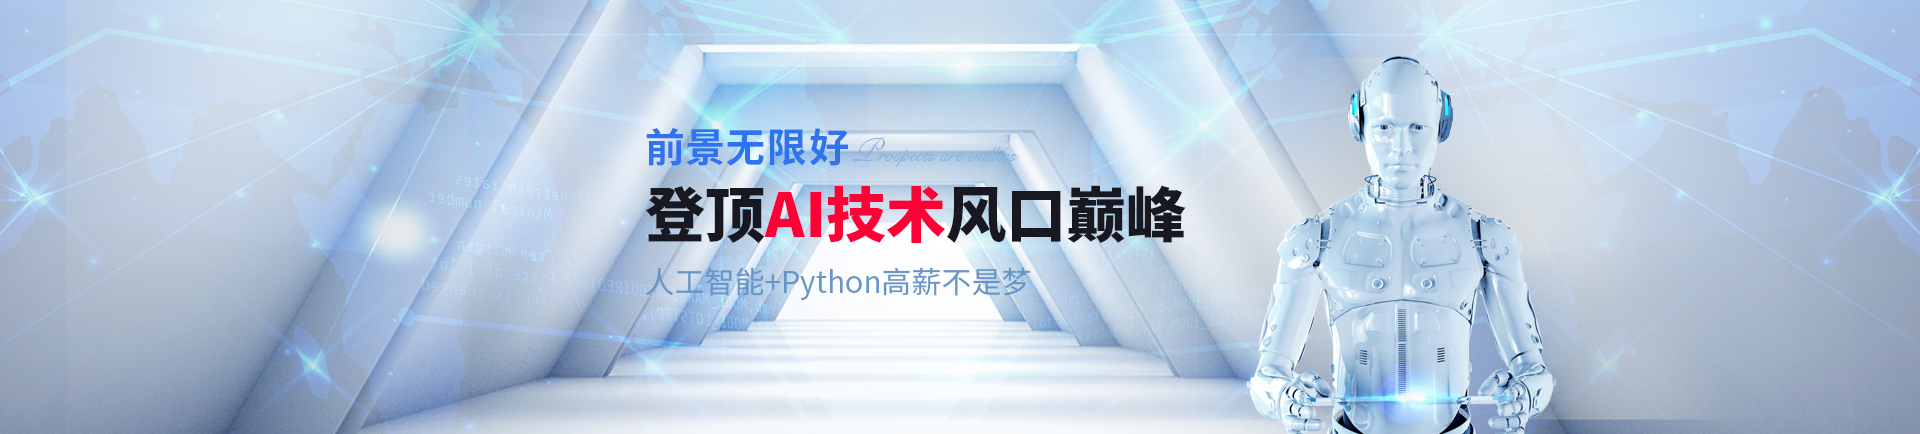 登顶AI技术风�巅峰 人工智能+Python挑战高薪-dalian